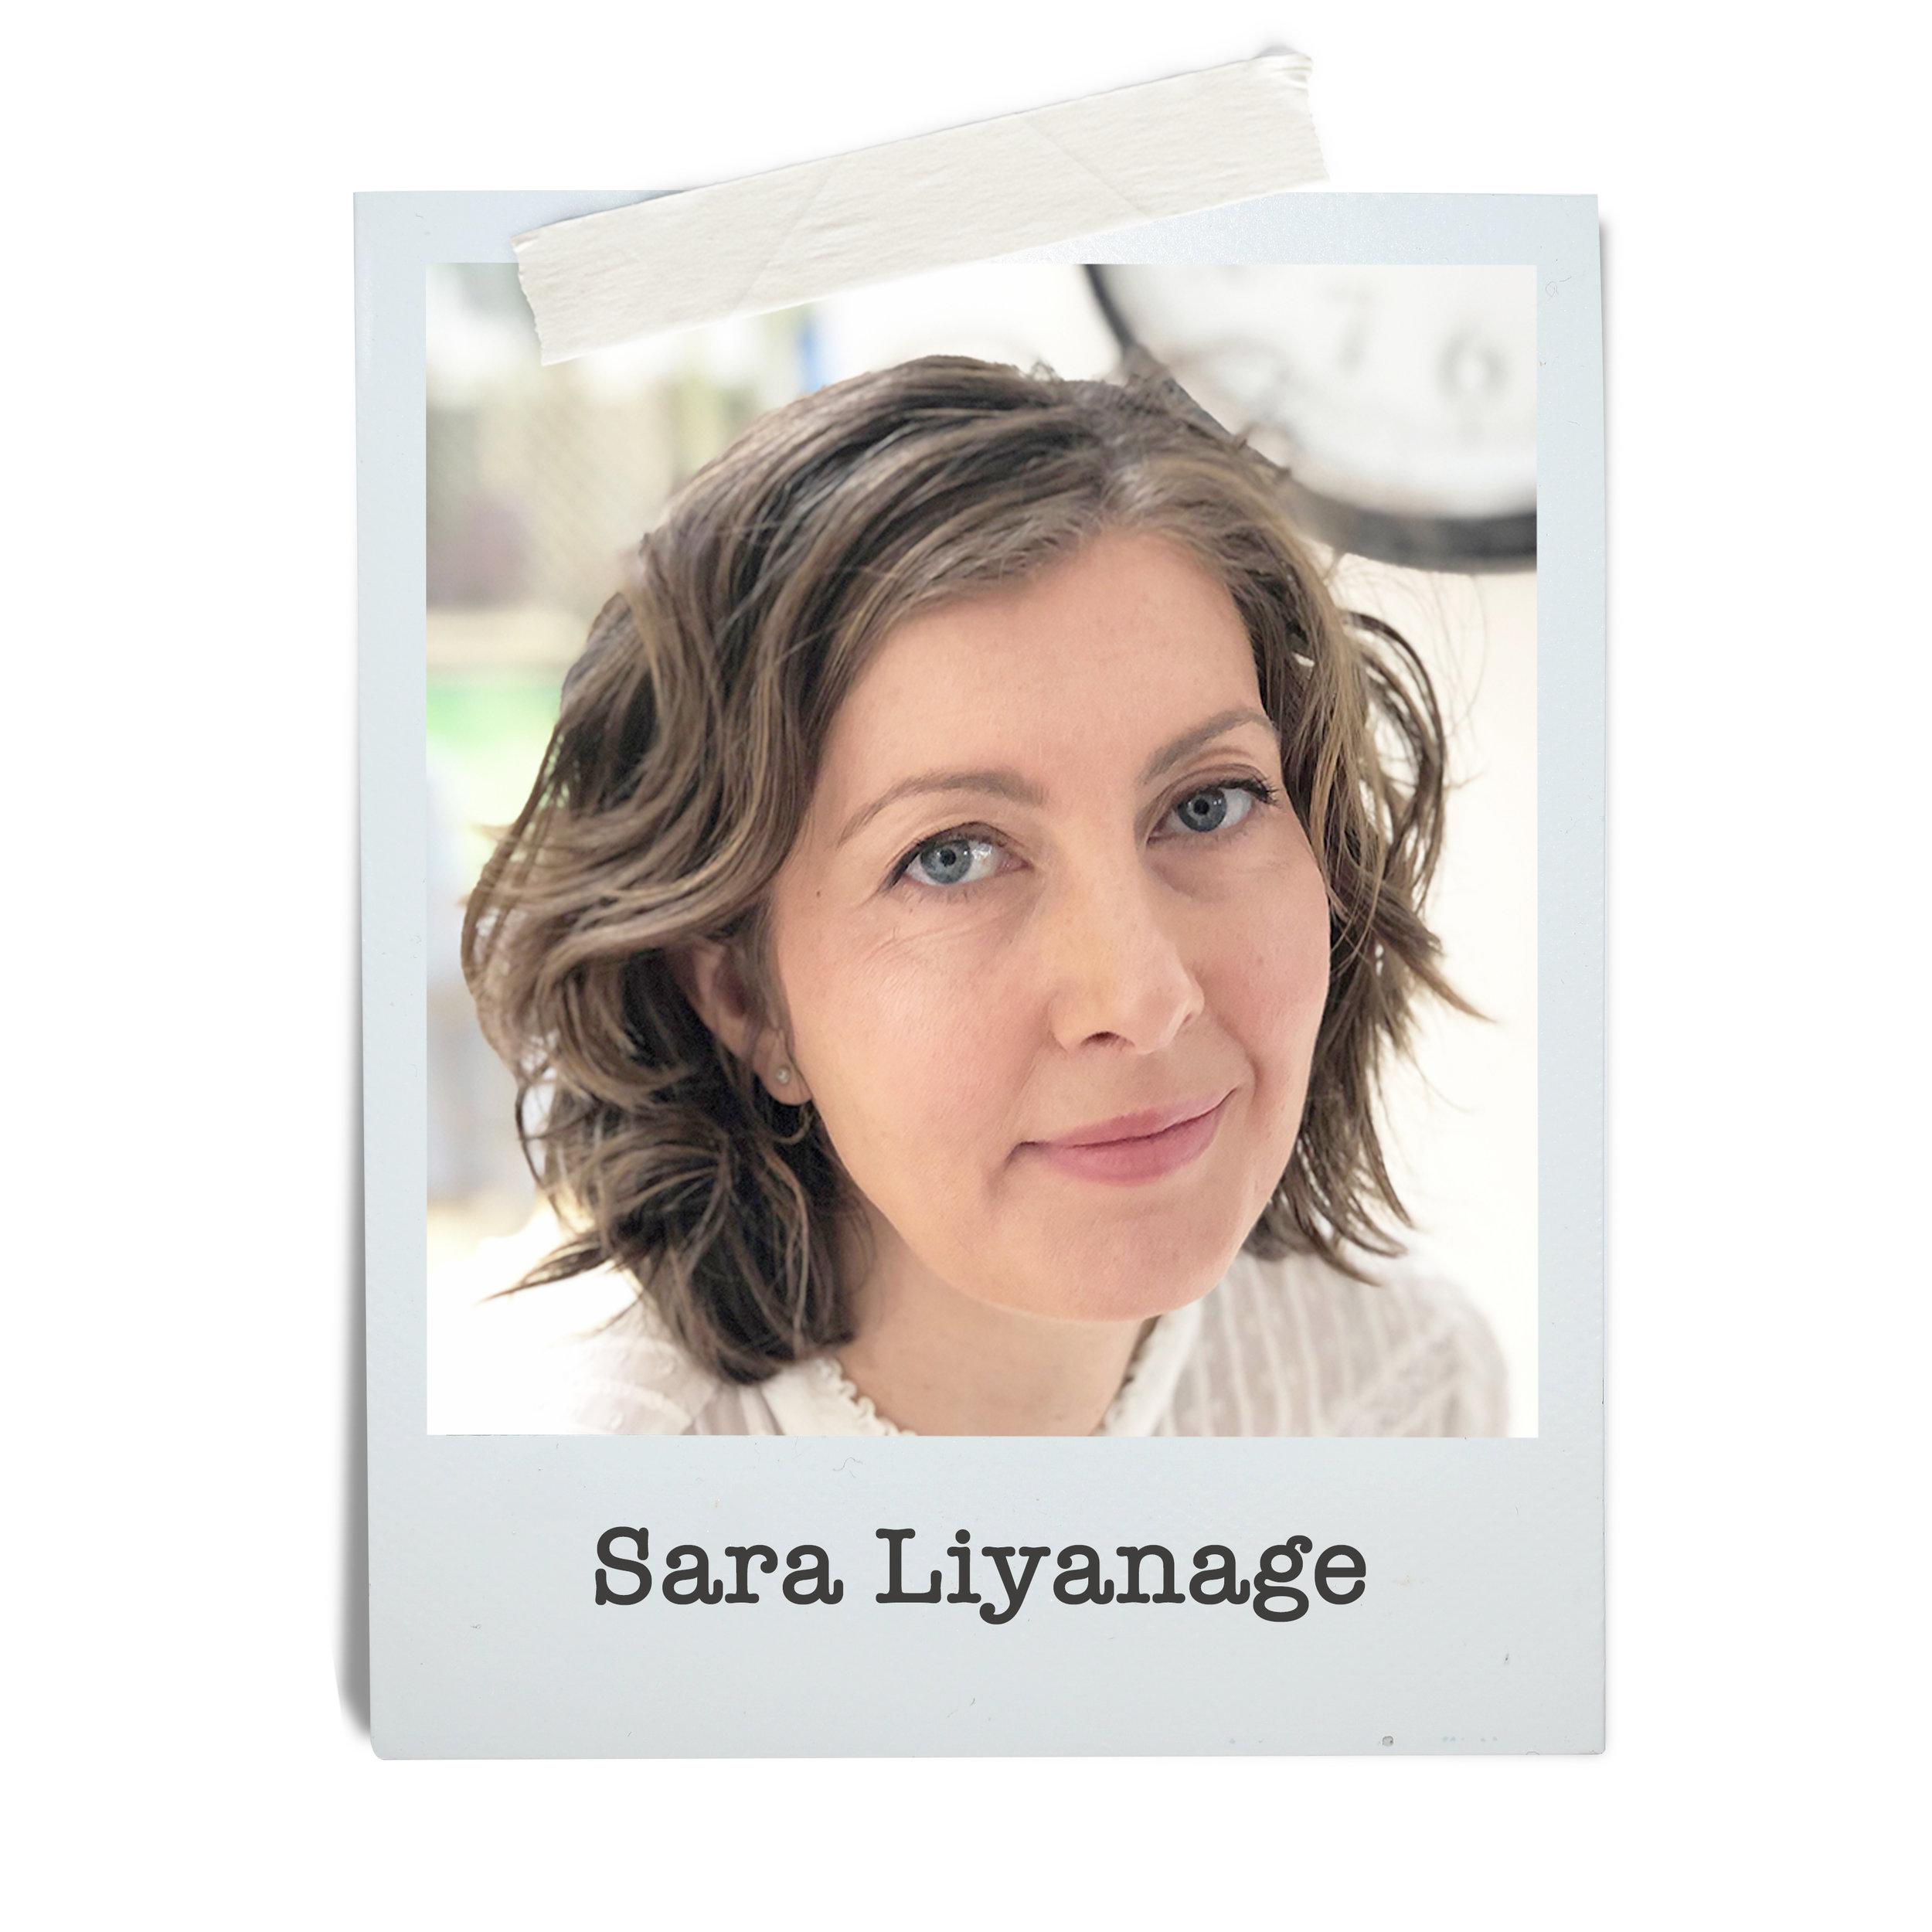 Sara Liyanage